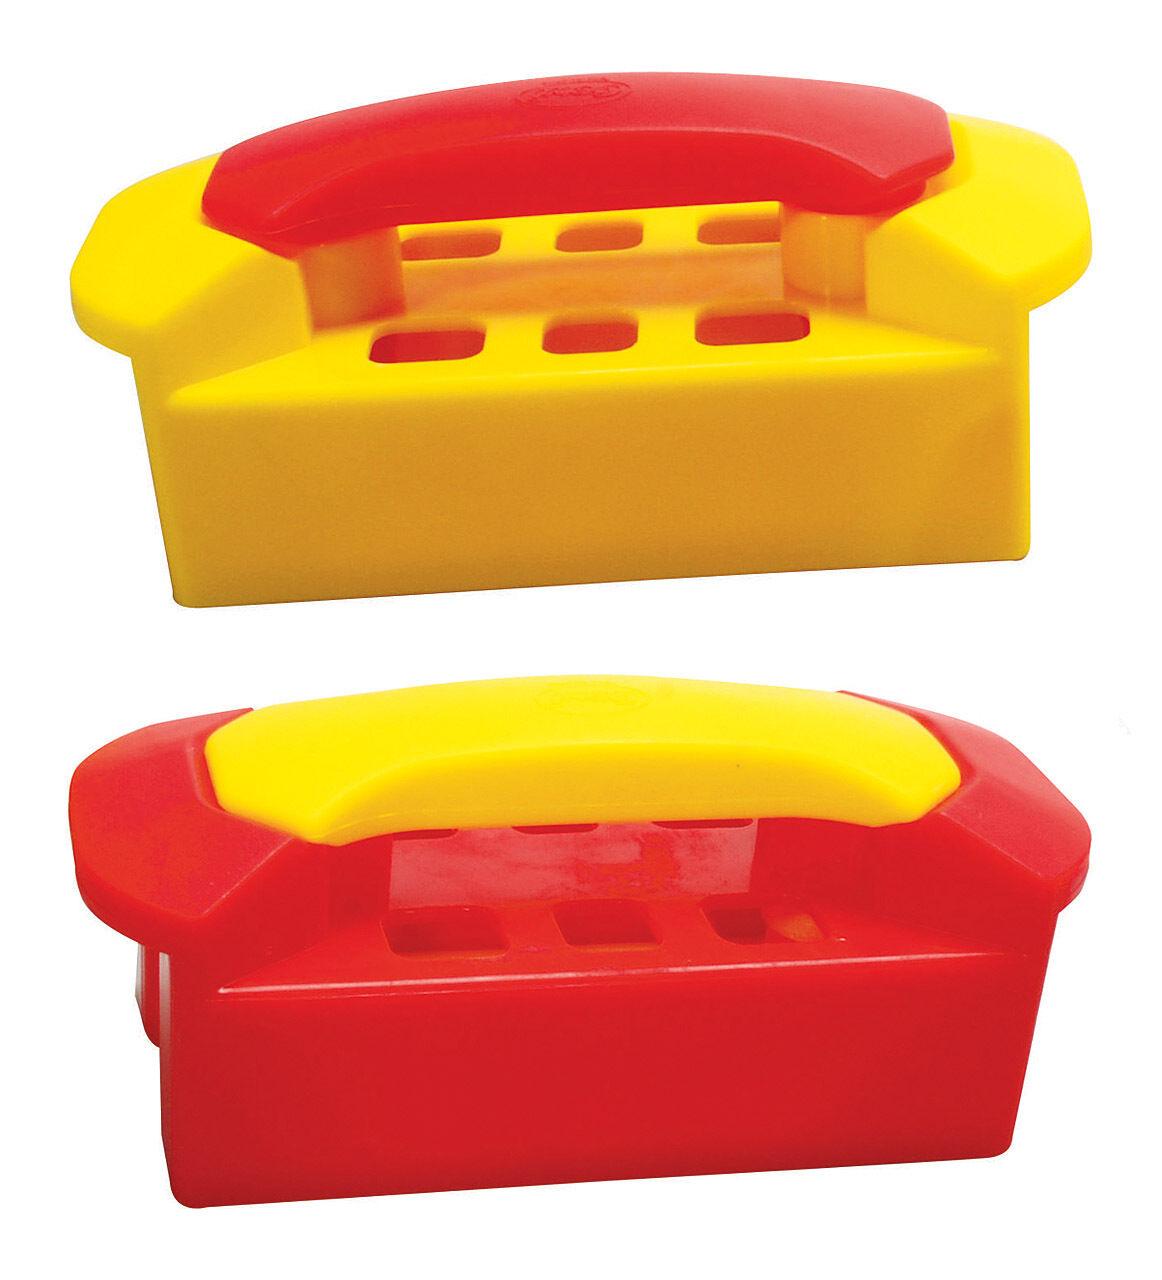 GOWI Sandform Ziegelpresse Sandset Einzeln Sandset Ziegelpresse Strand Sandkasten Spielzeug b4697f